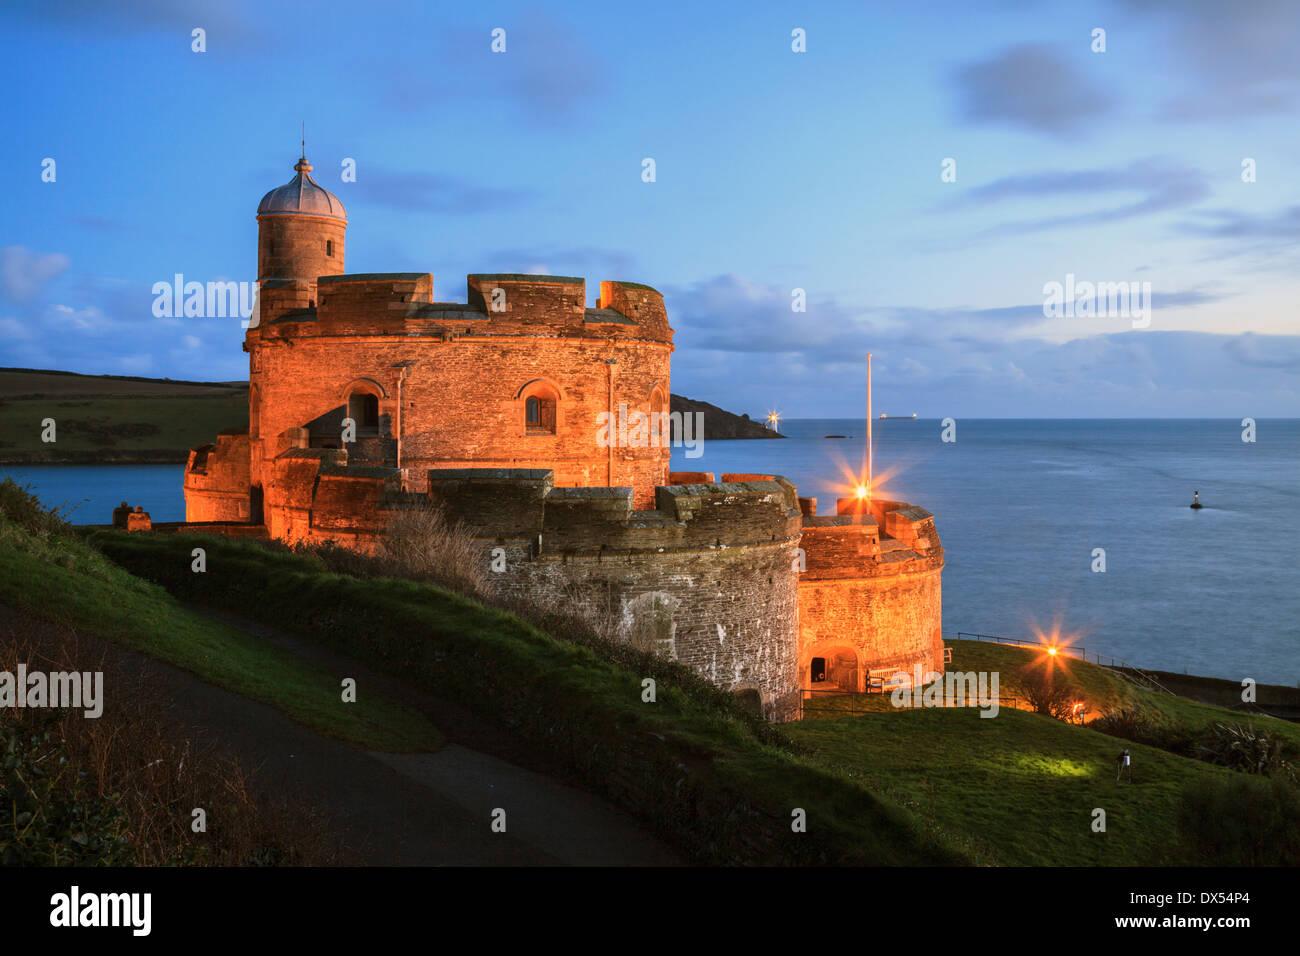 St Mawes Castle capturados durante el crepúsculo Imagen De Stock